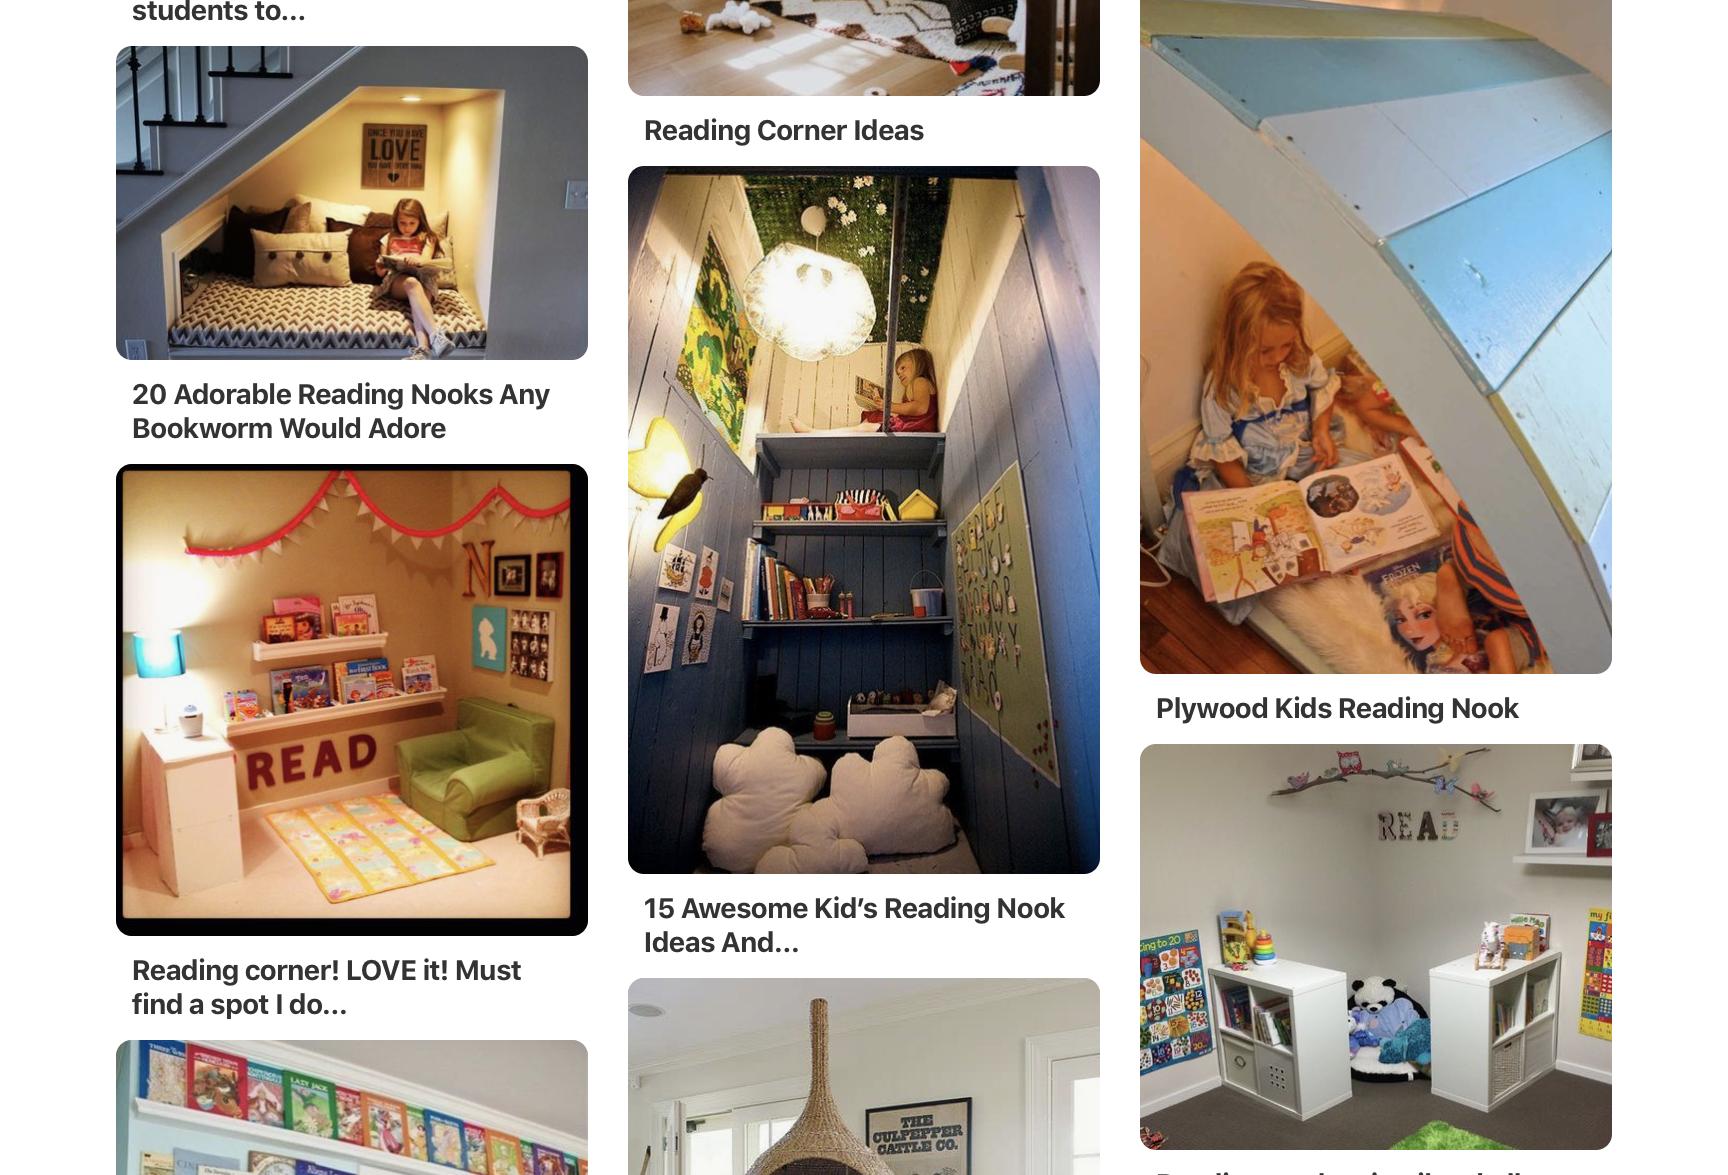 reading-nooks-for-kids